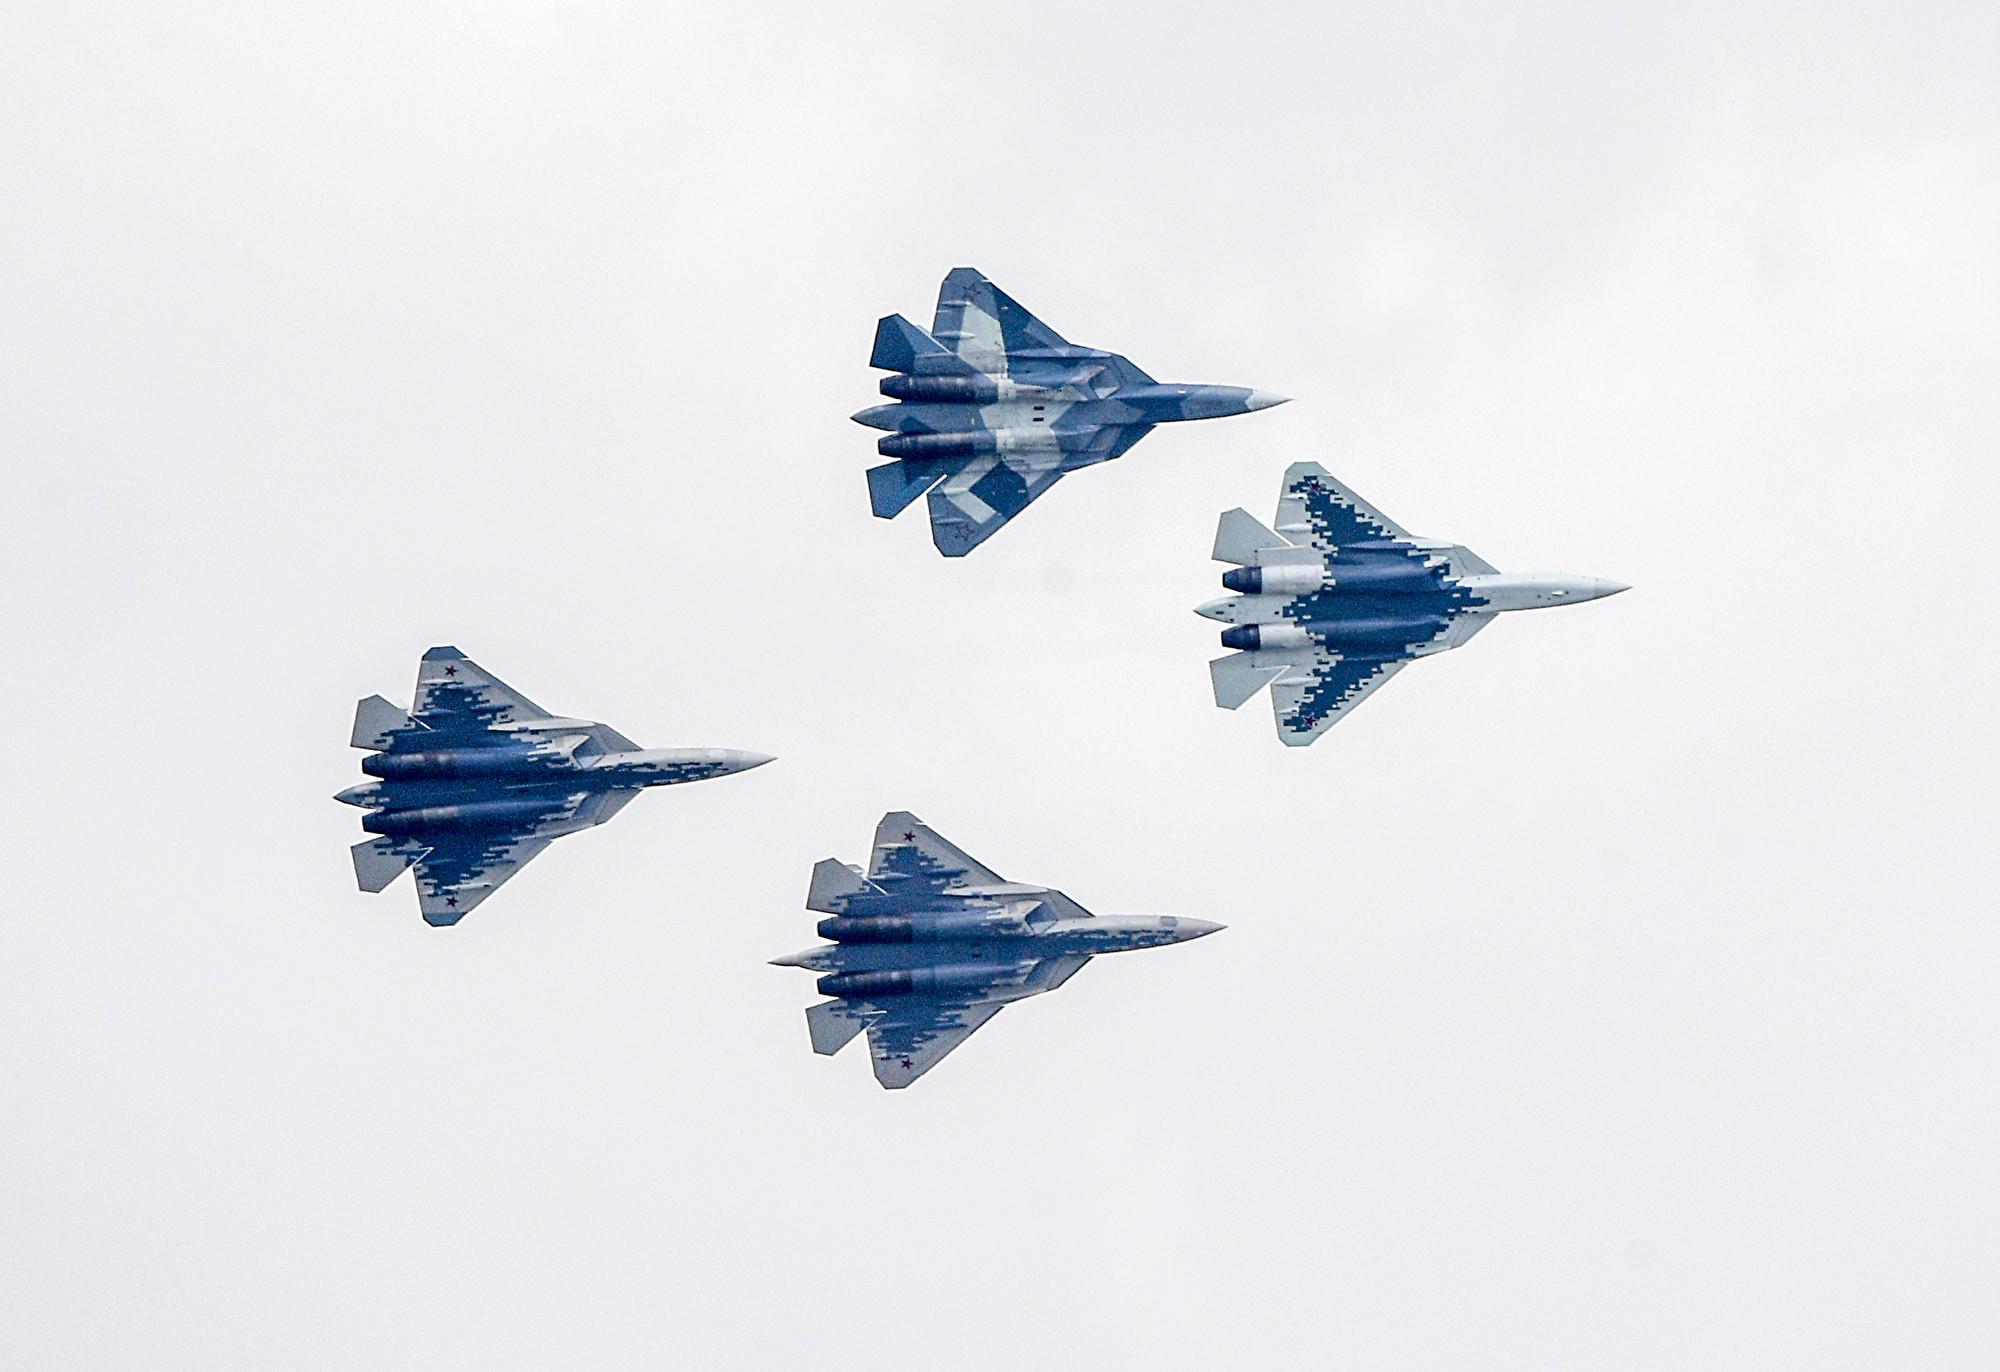 俄第五代戰機Su-57首傳墜毀 飛行員逃生